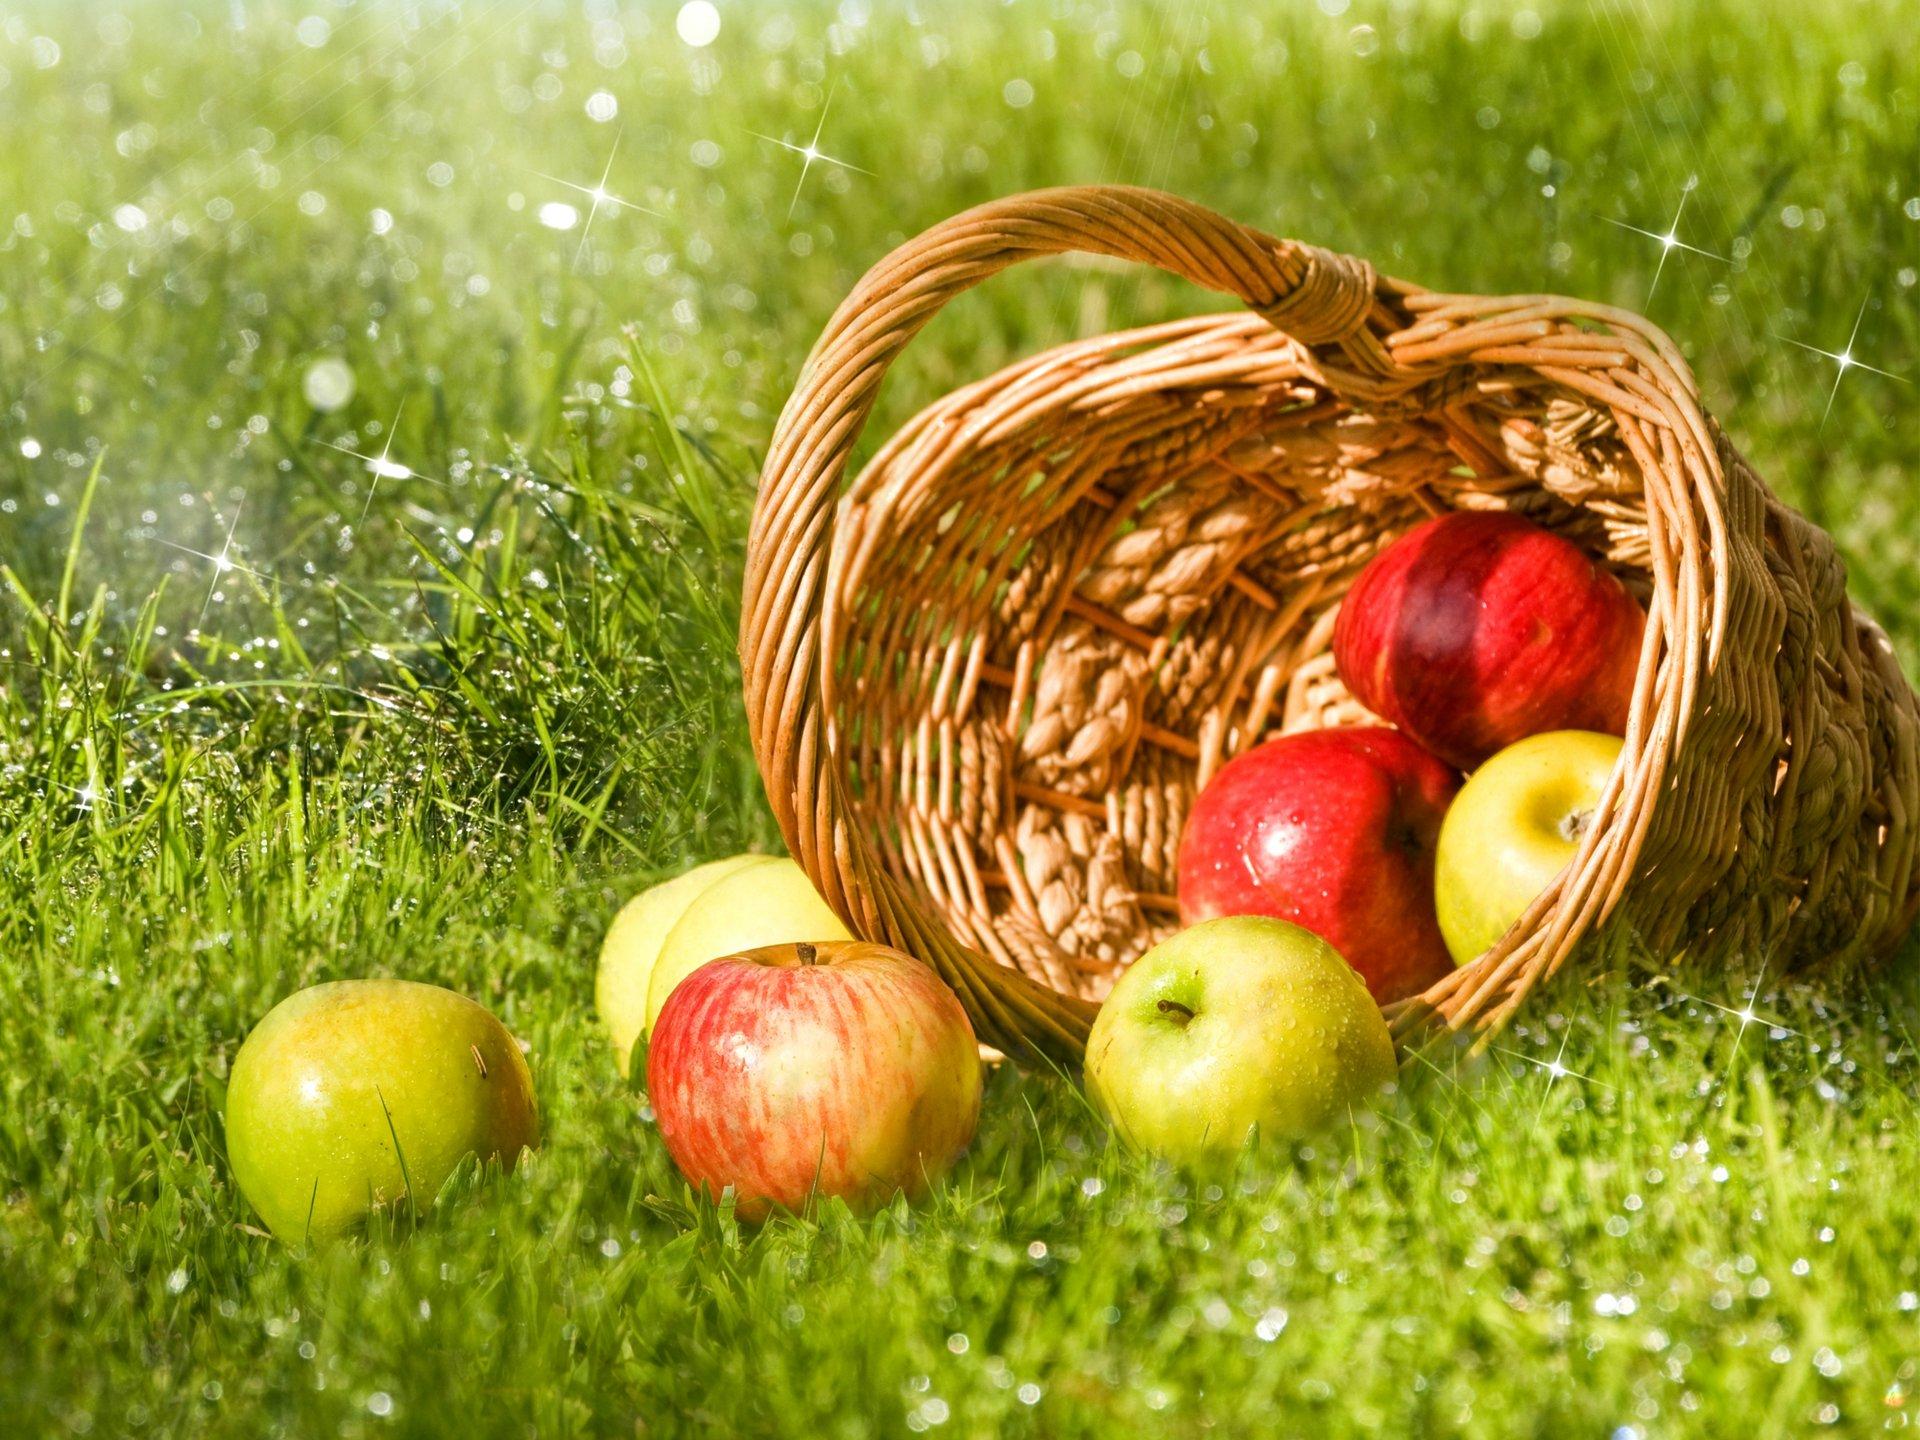 картинки на тему яблок отдельно